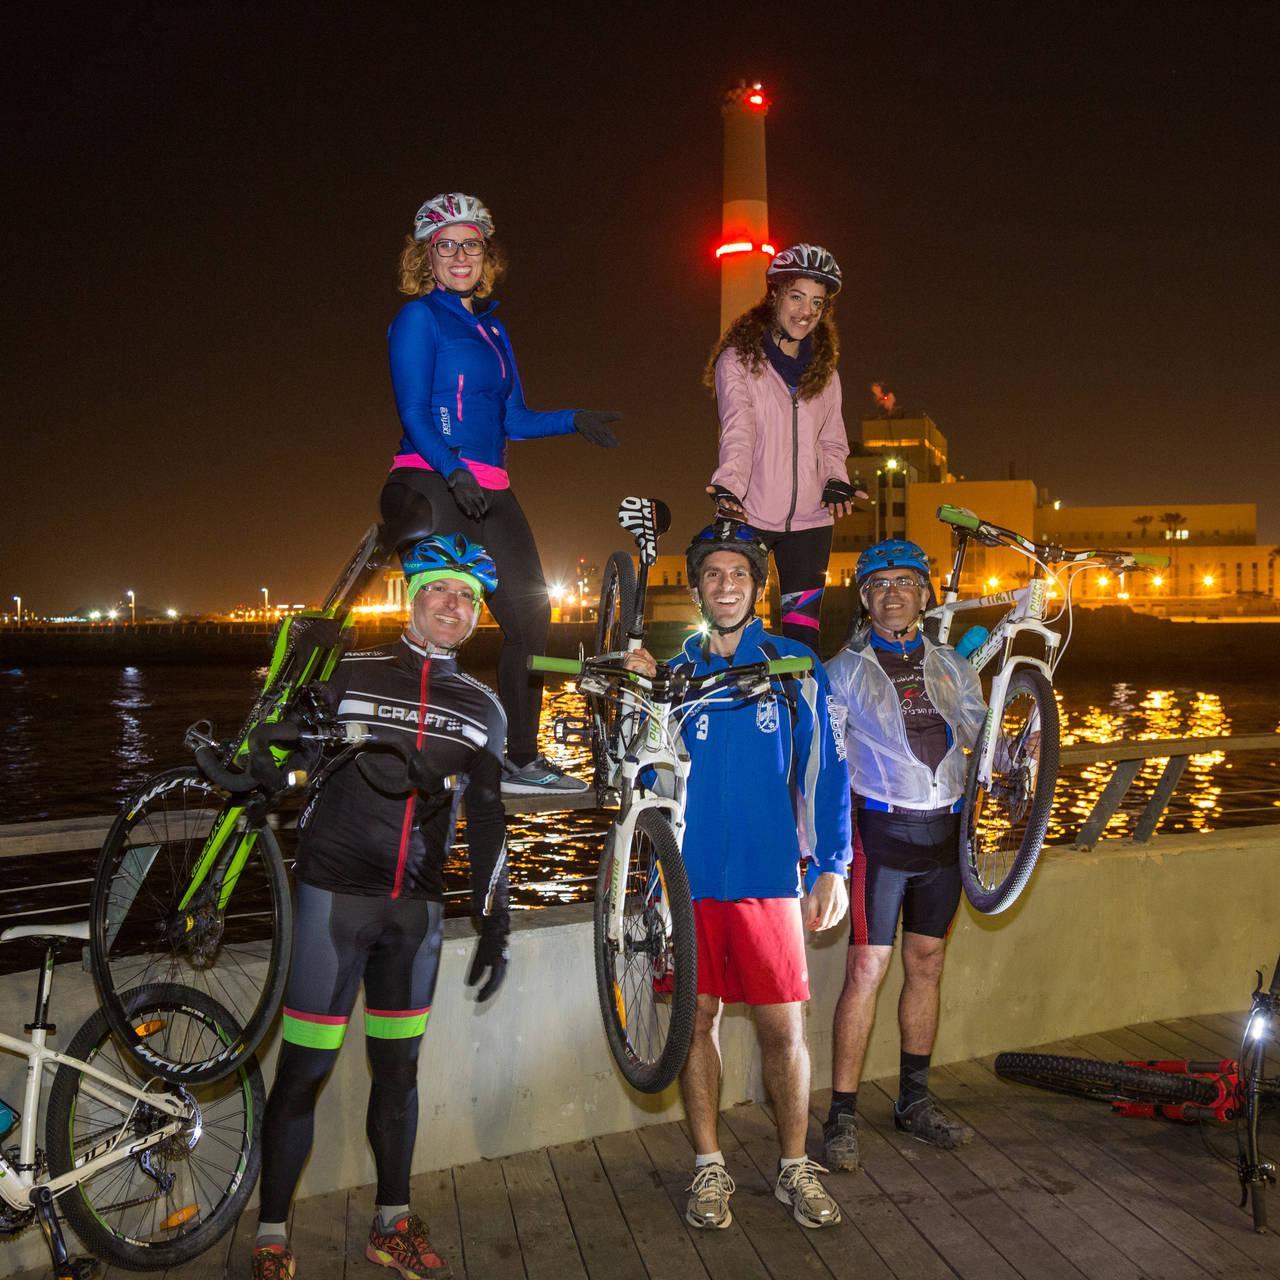 קבוצת רוכבי האופניים (צילום: אודי גורן)